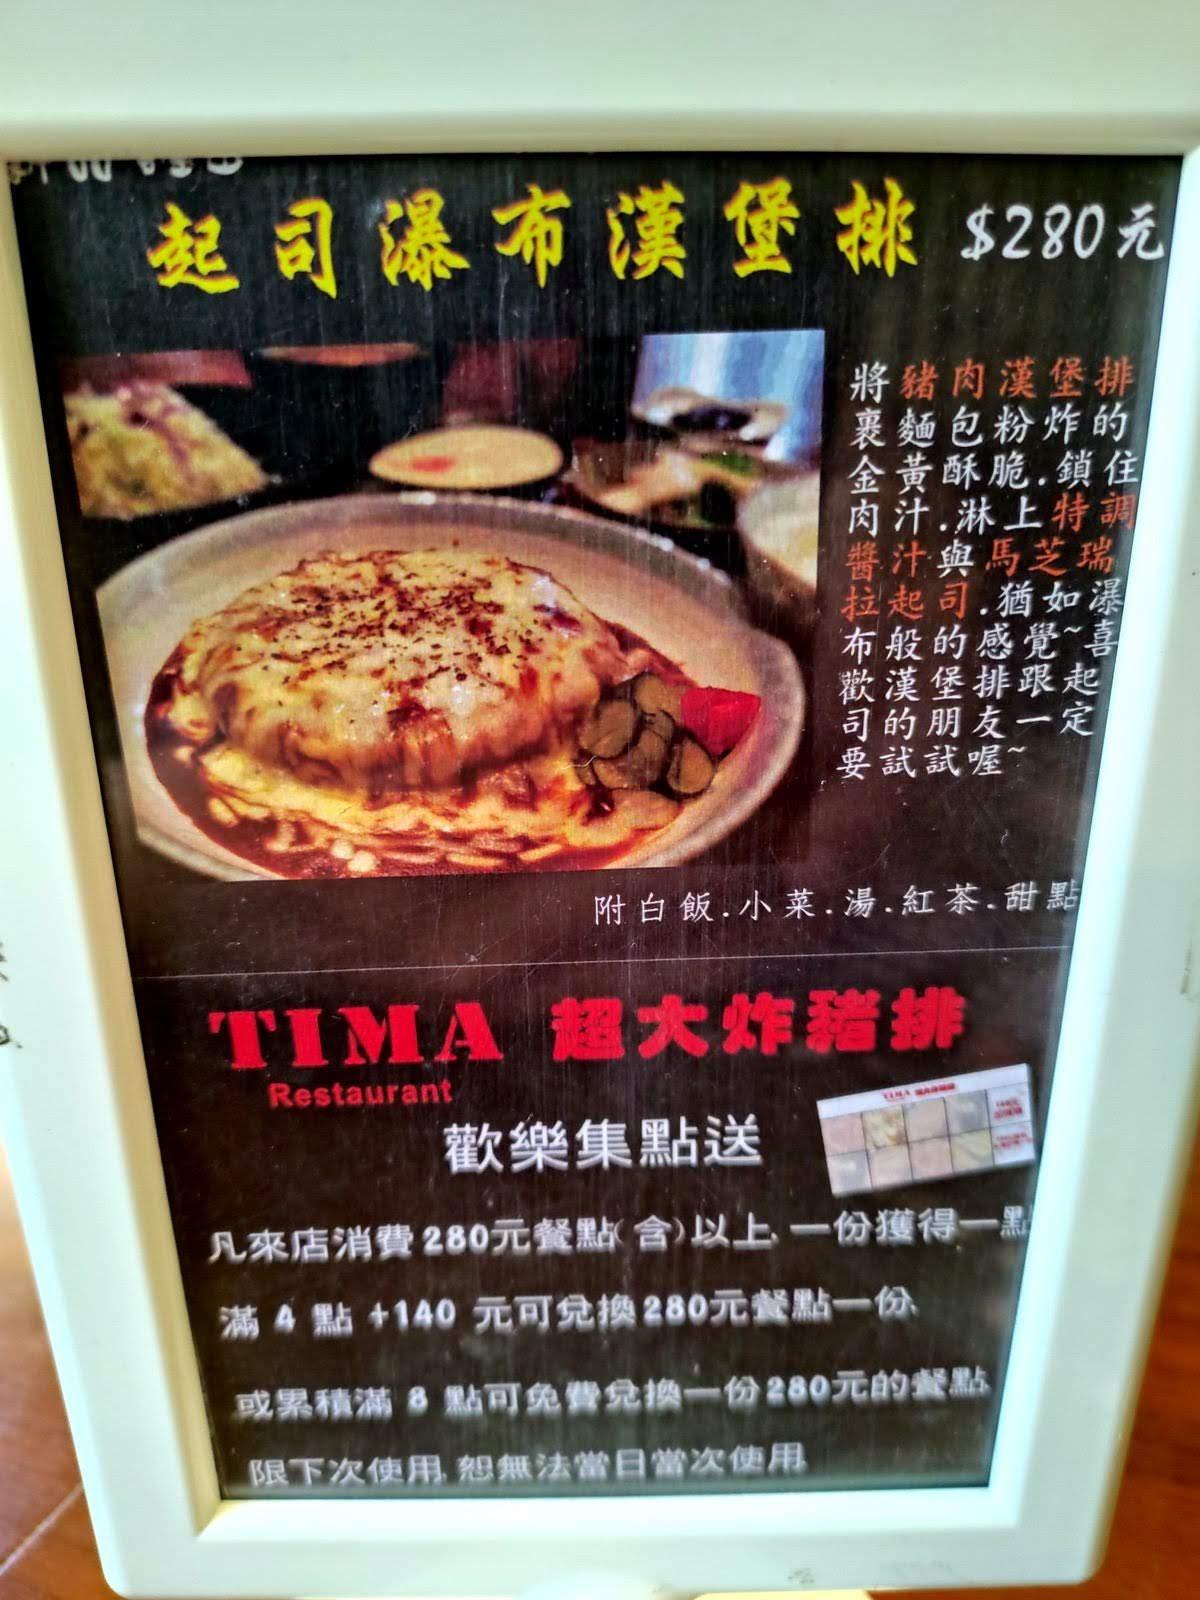 [台南][安平區] TIMA超大炸豬排|超大炸豬排始祖店|食記